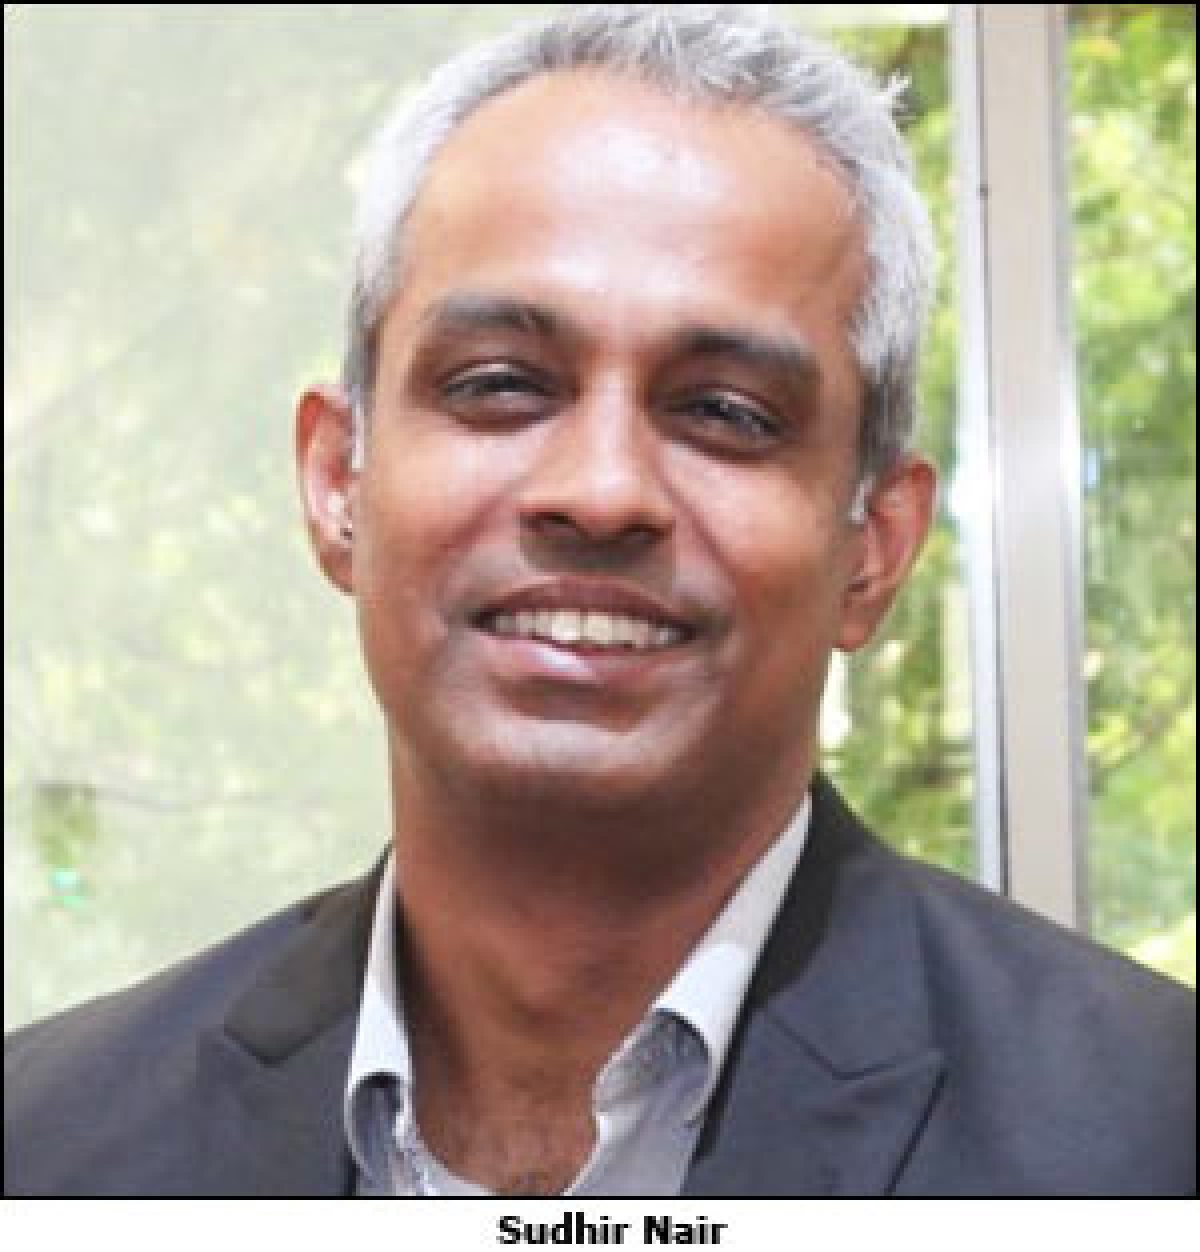 Sudhir Nair joins Omnicom Media Group as managing director, digital